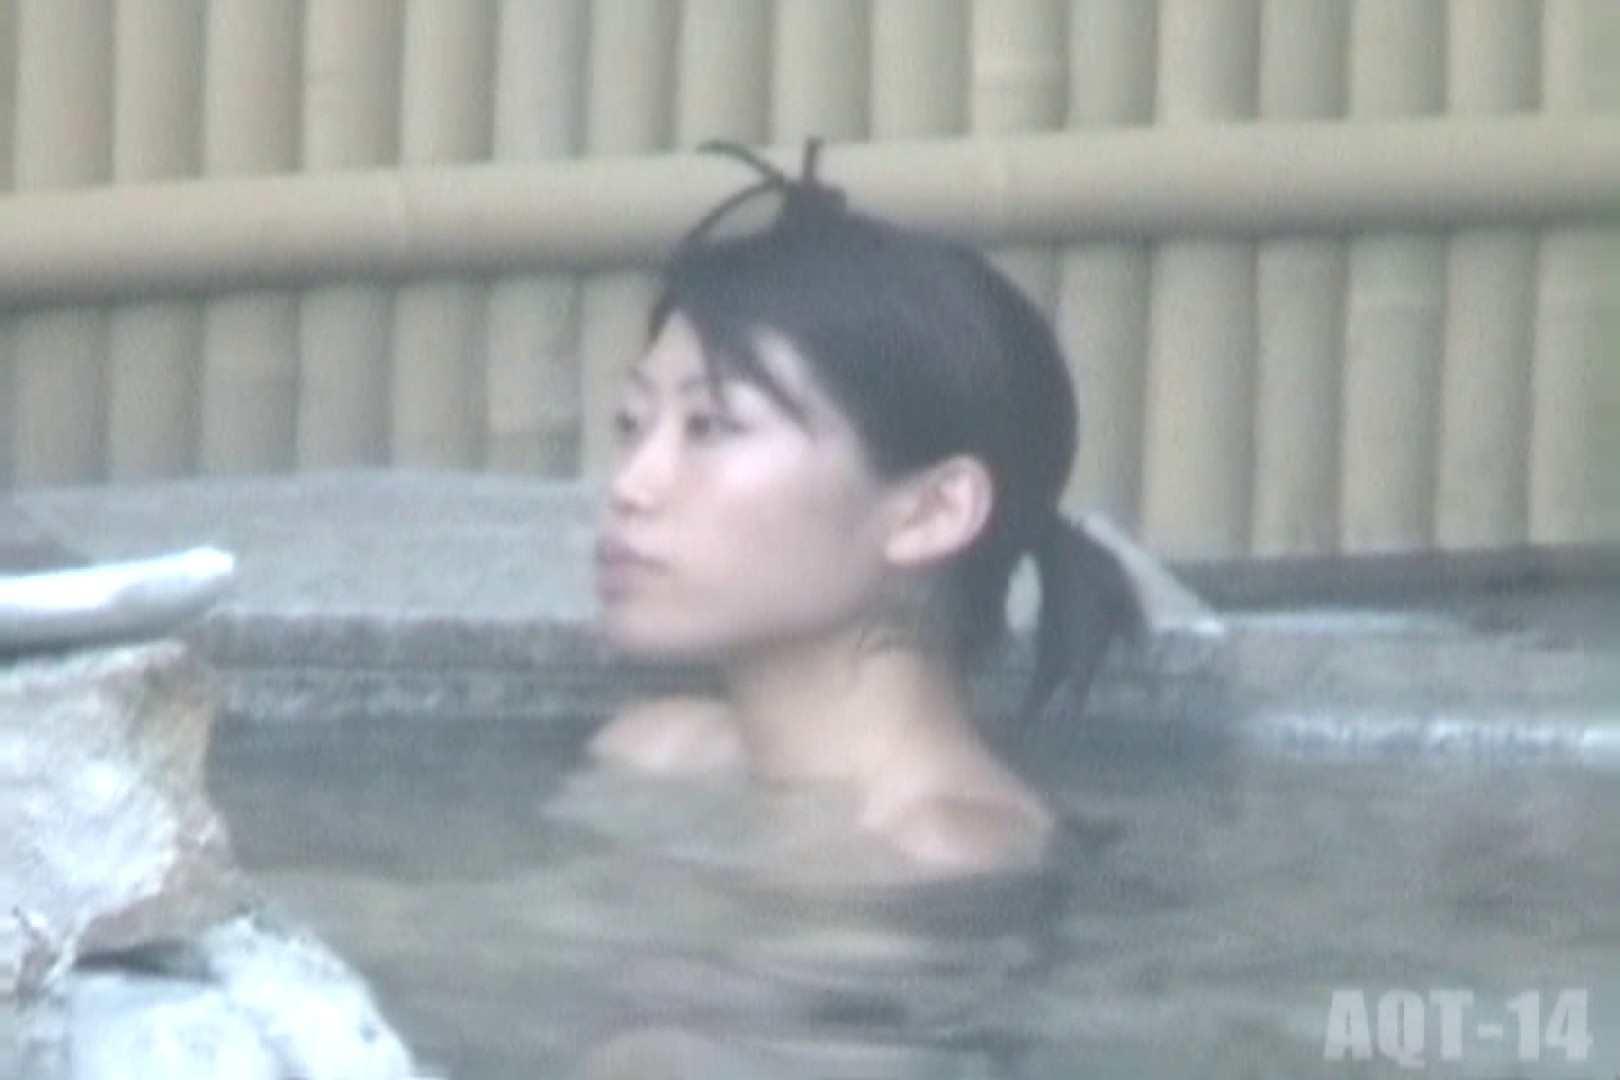 Aquaな露天風呂Vol.820 美しいOLの裸体 覗きおまんこ画像 104pic 92